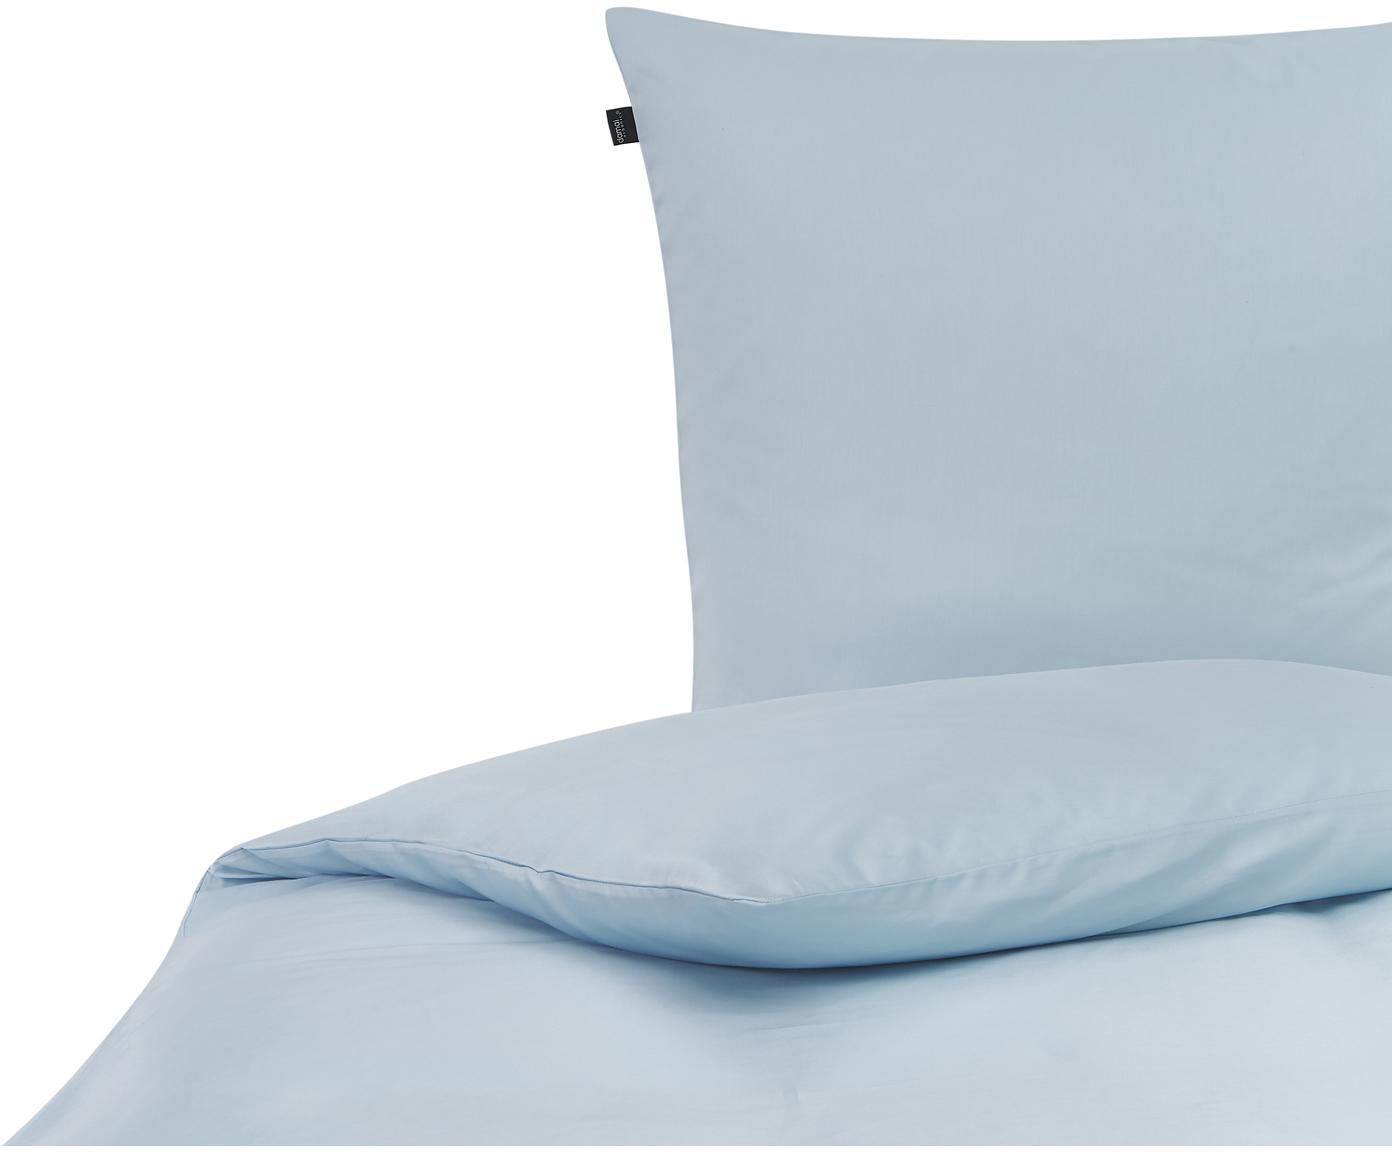 Baumwollsatin-Bettwäsche Birk in Hellblau, Webart: Satin Baumwollsatin wird , Hellblau, 135 x 200 cm + 1 Kissen 80 x 80 cm